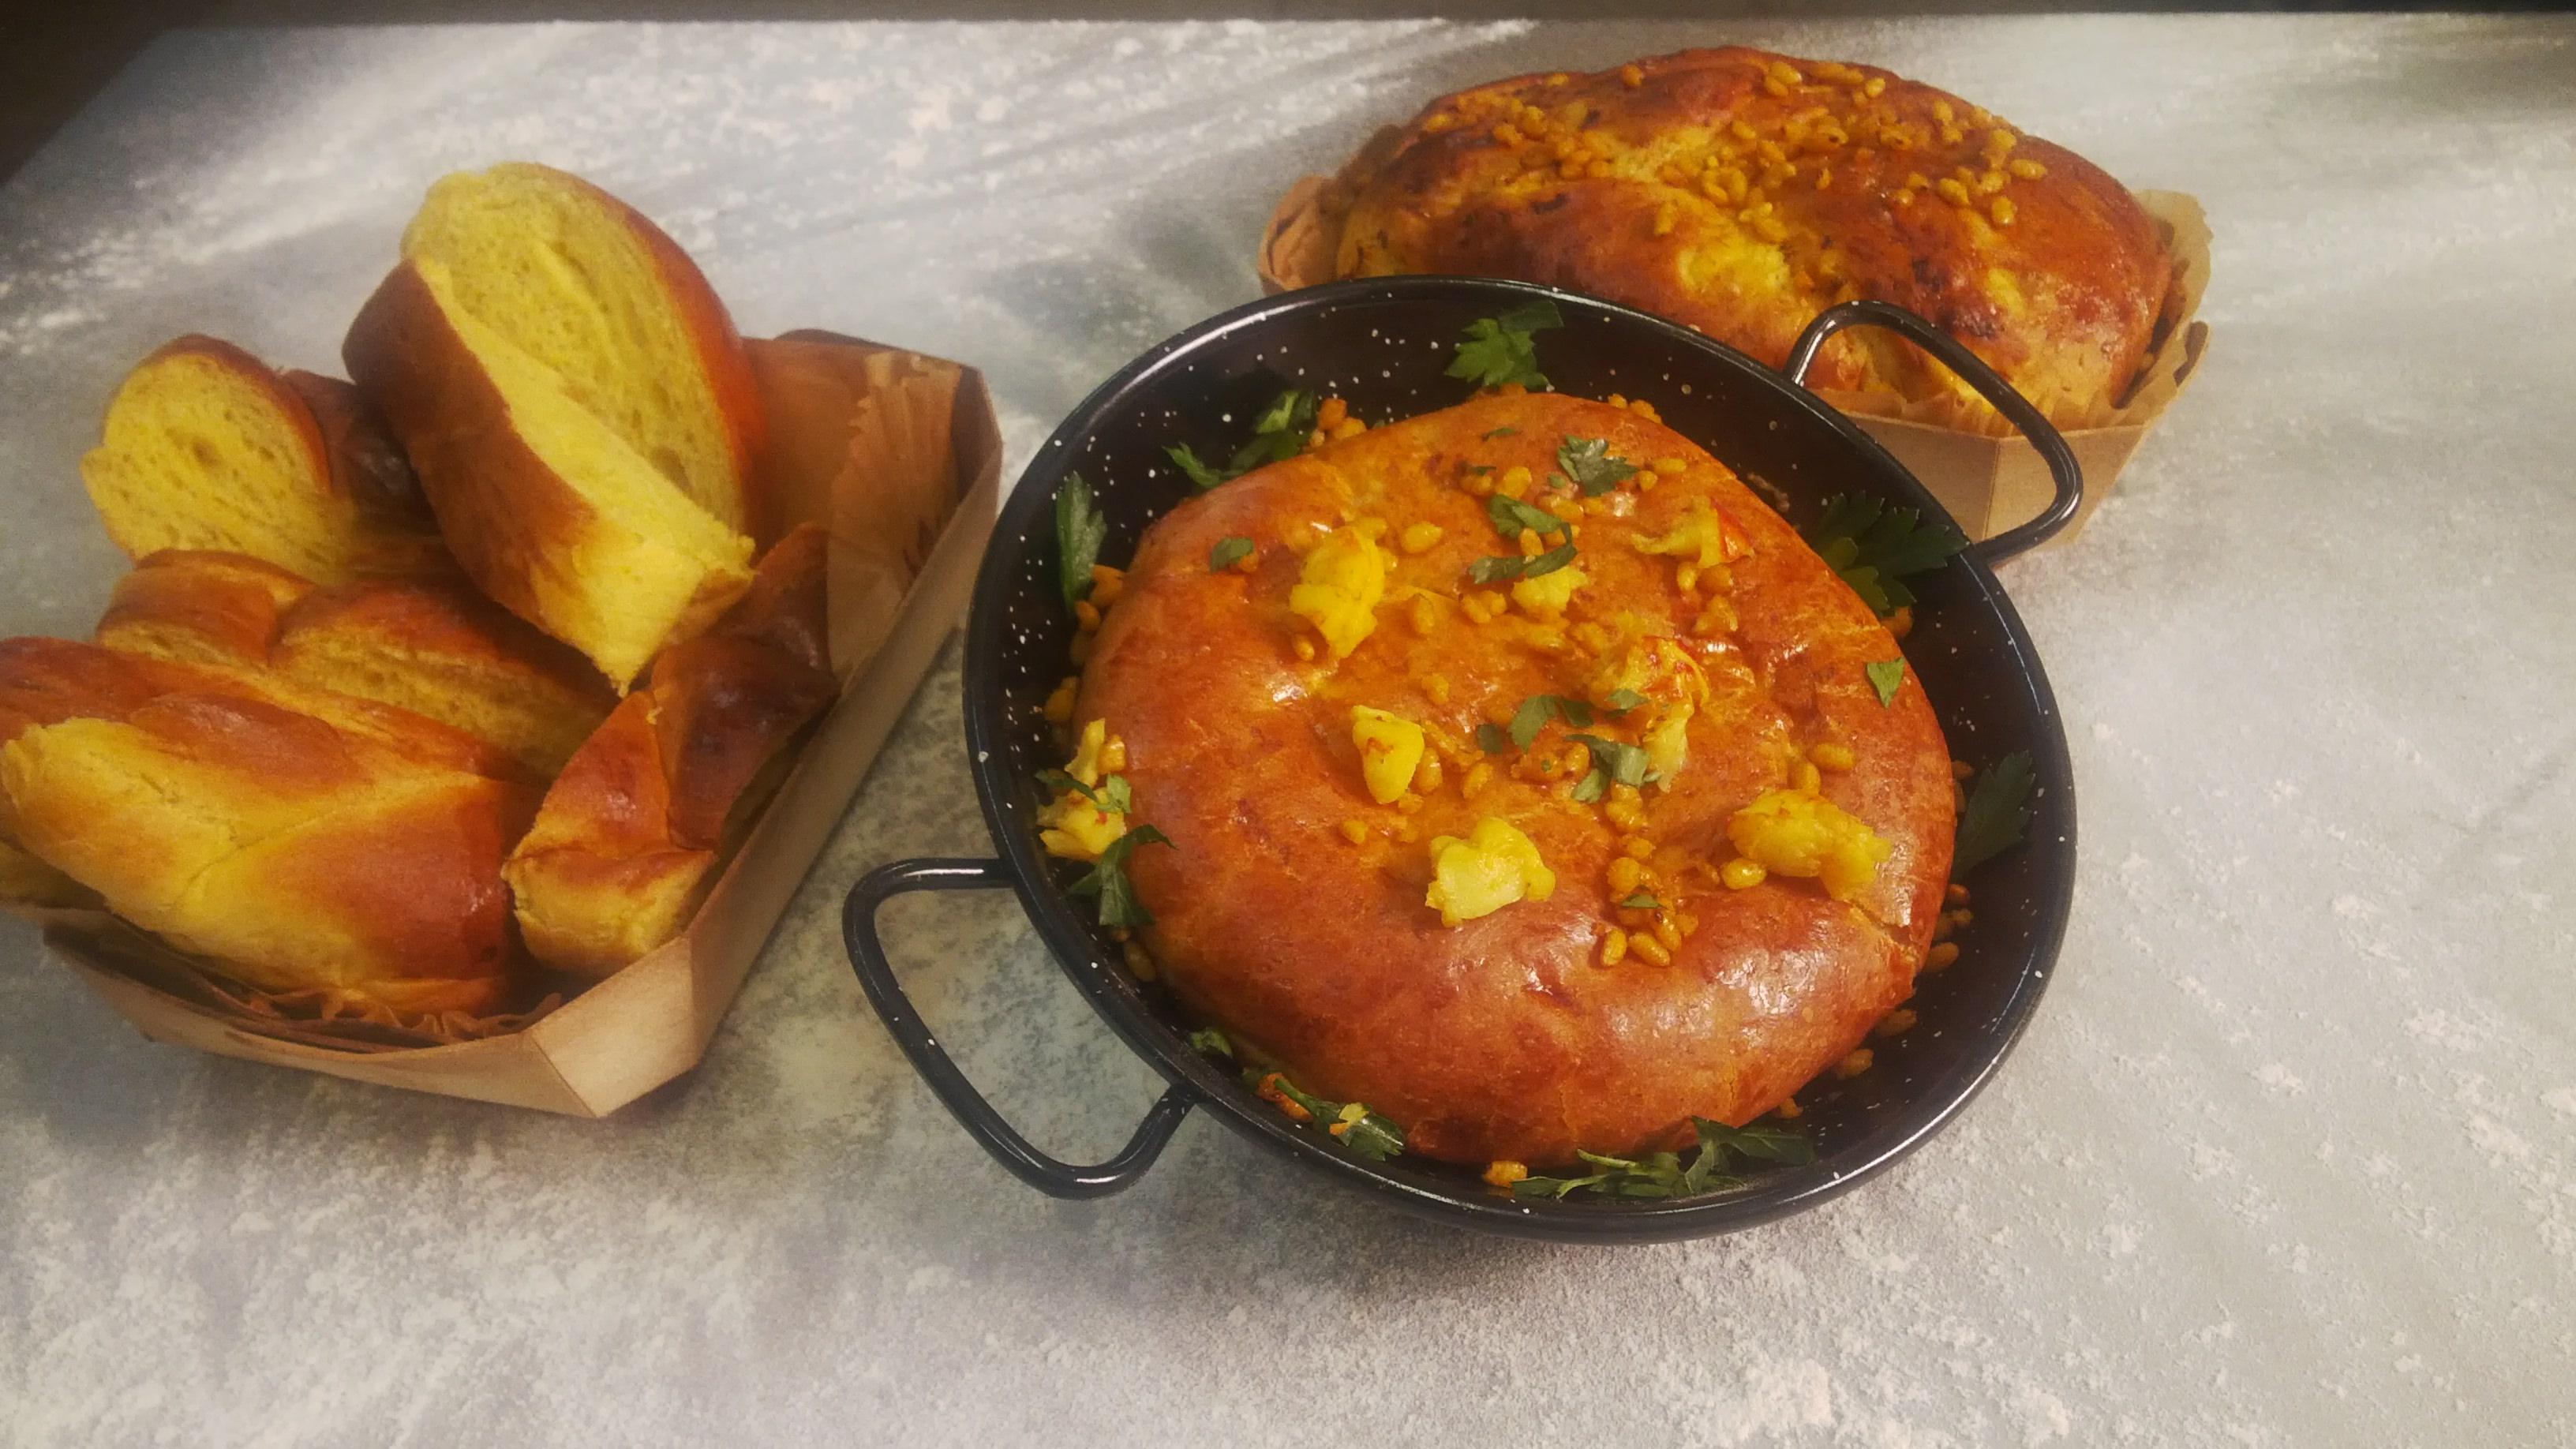 Pan de azafrán con falso de paella, arroz y gambas.